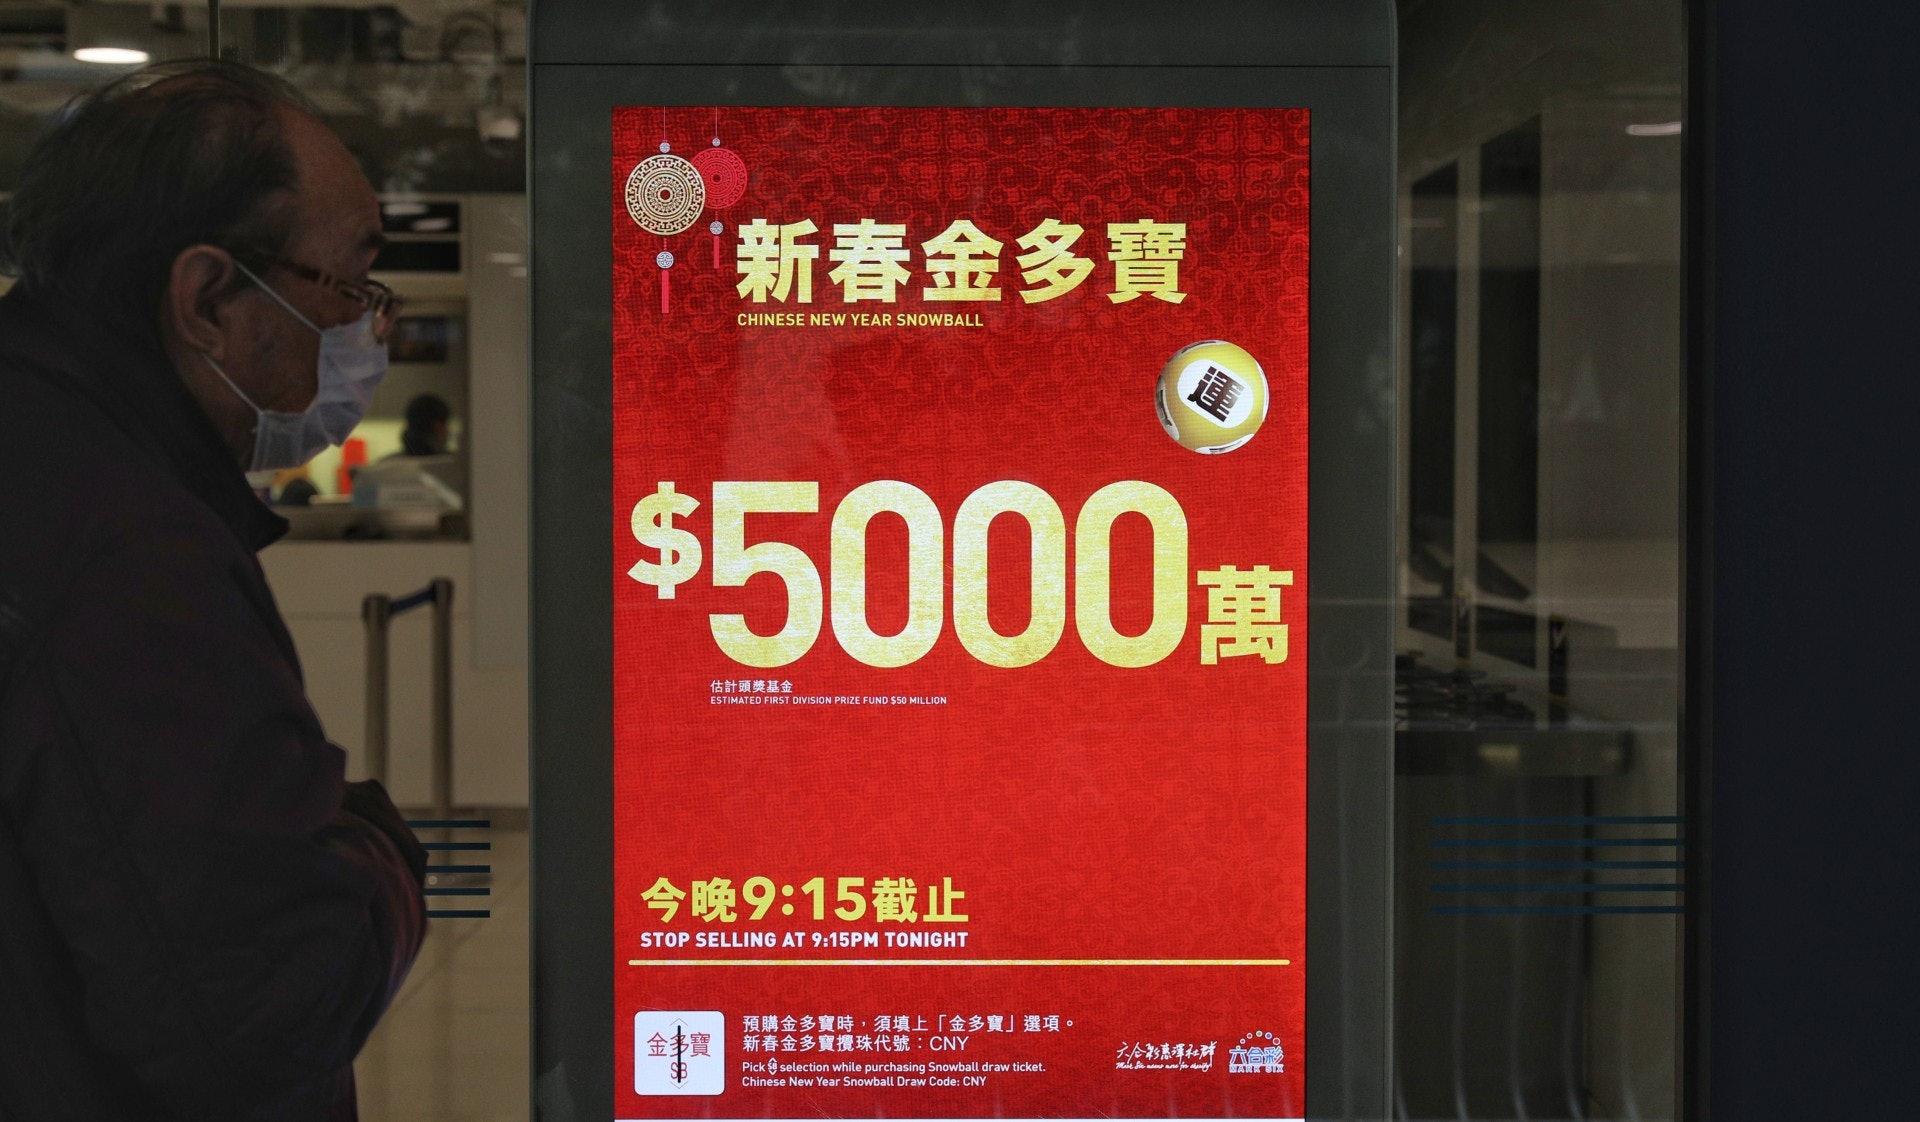 今晚搞珠為六合彩新春金多寶,頭獎一注獨中可得5000萬元。(余俊亮攝)